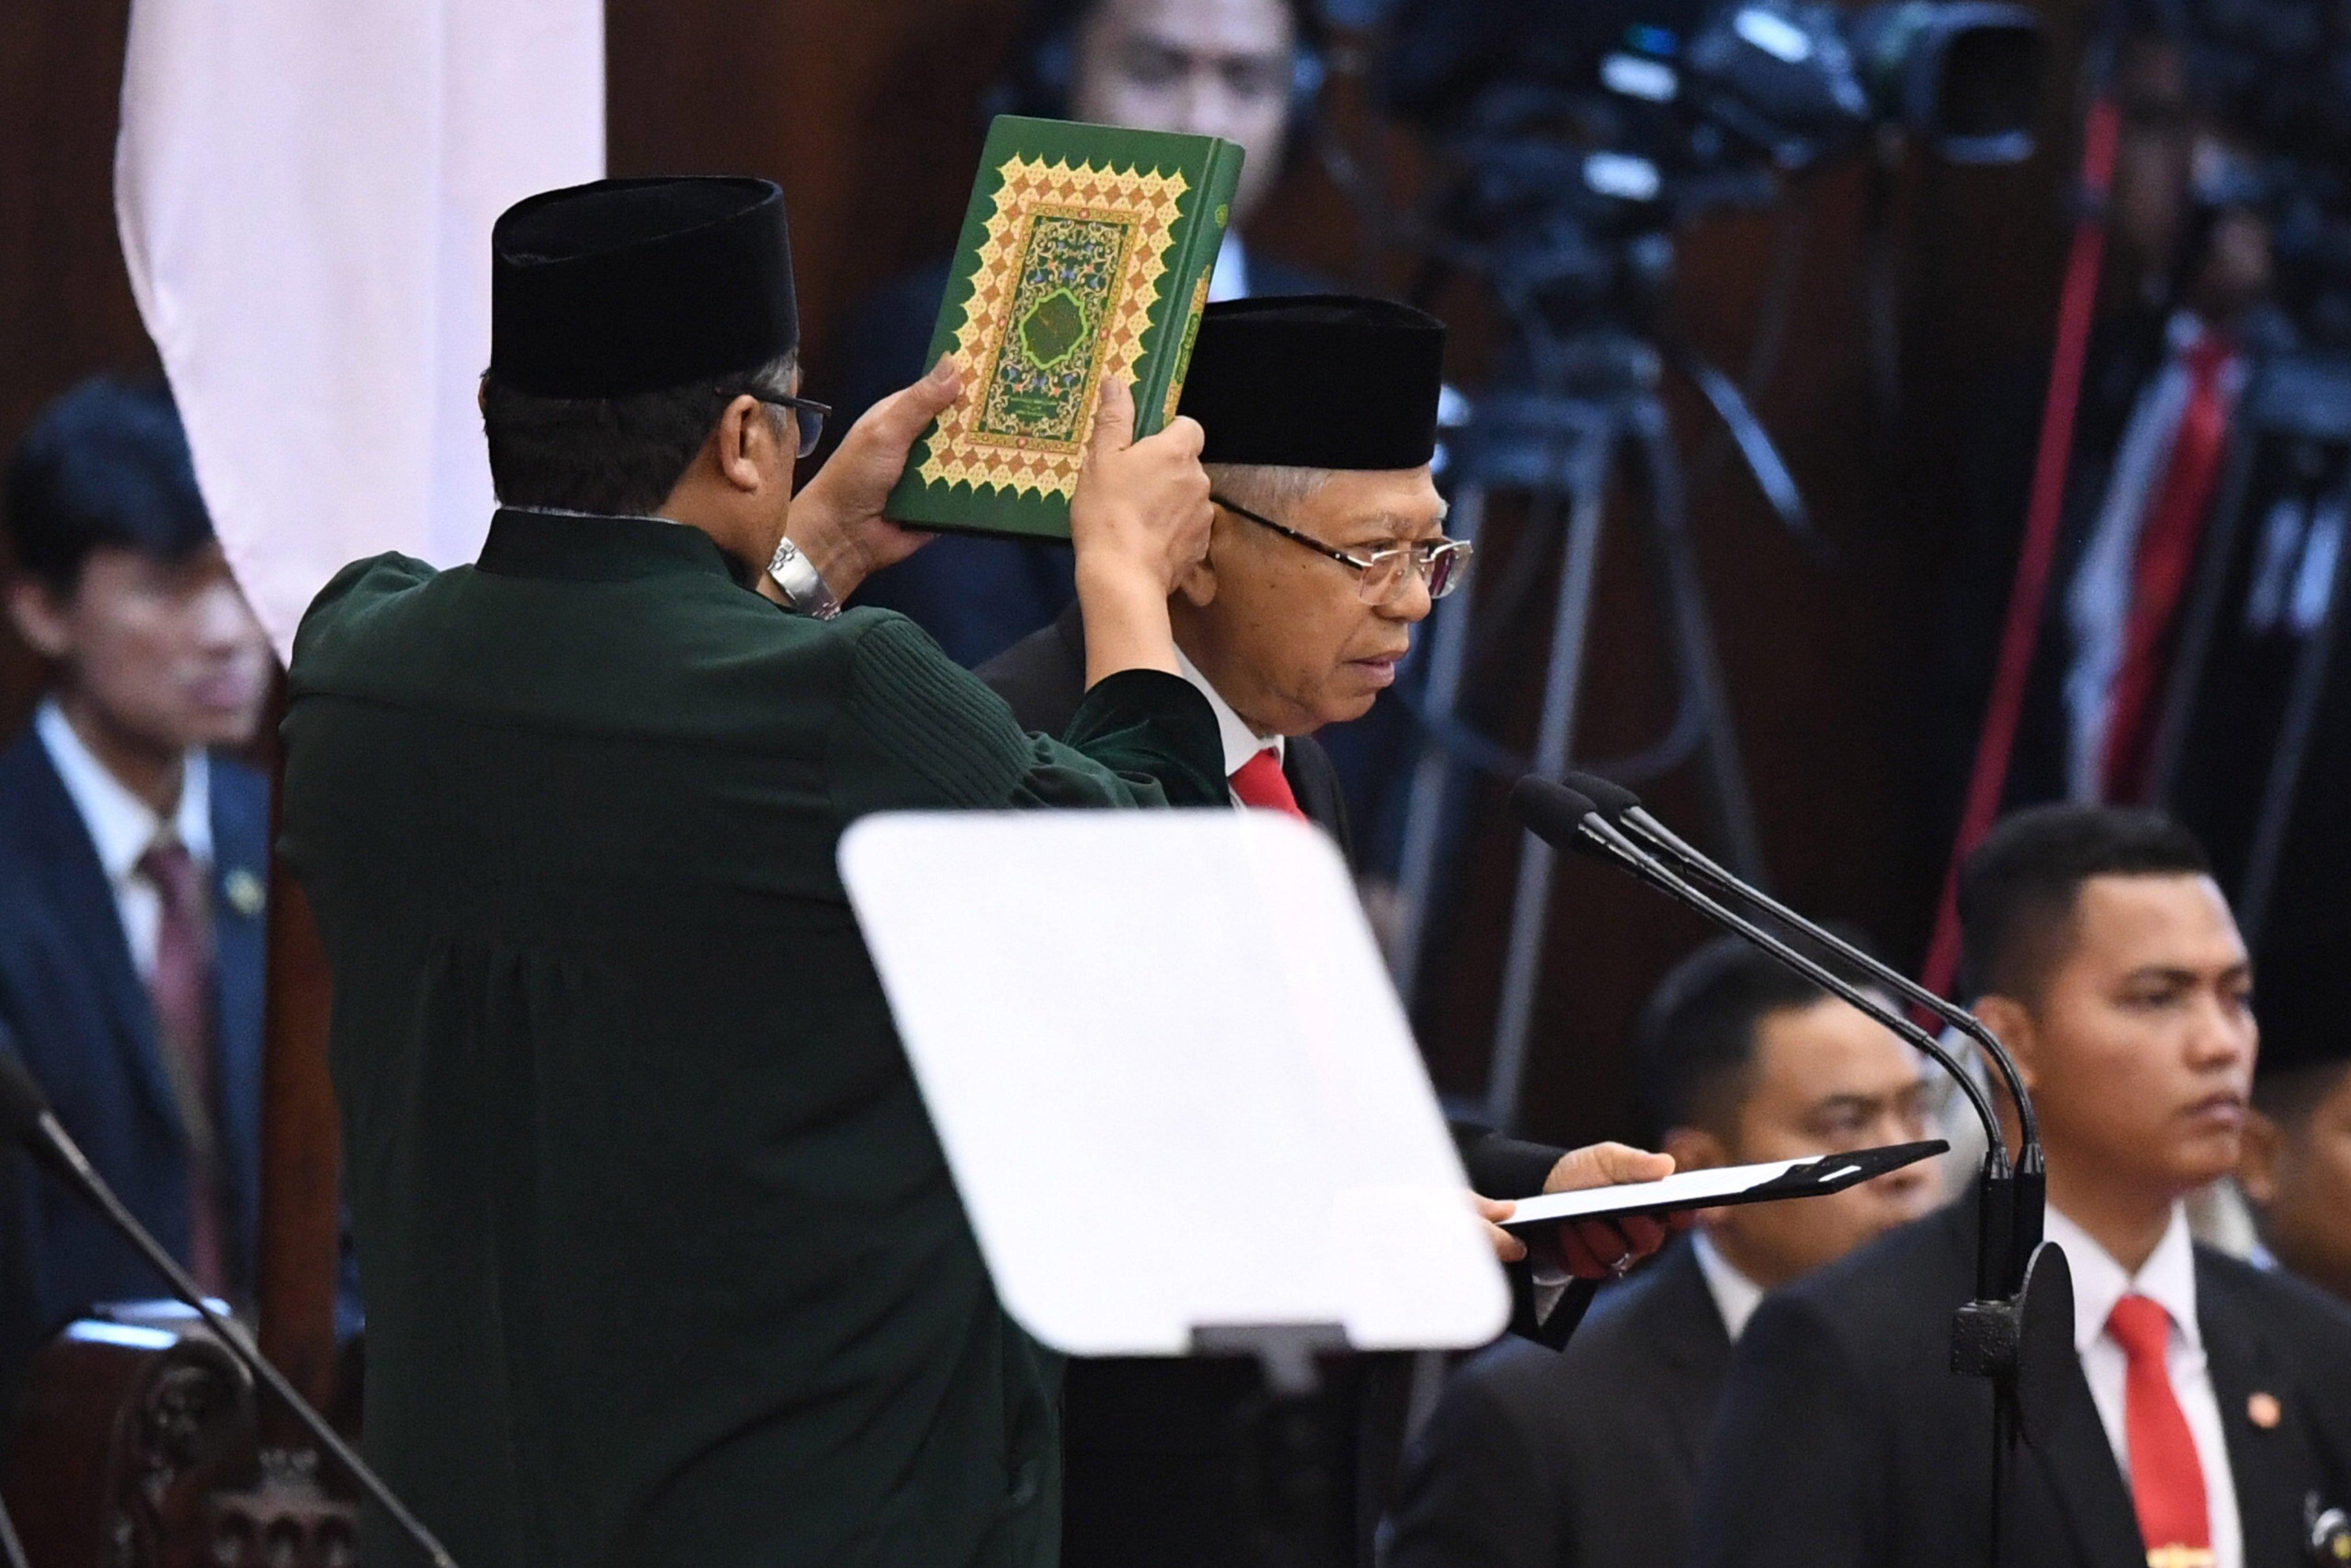 Wakil Presiden terpilih Ma\'ruf Amin mengucapkan sumpah saat dilantik menjadi wakil presiden periode 2019-2024 di Gedung Nusantara, kompleks Parlemen, Senayan, Jakarta, Minggu (20/10/2019).